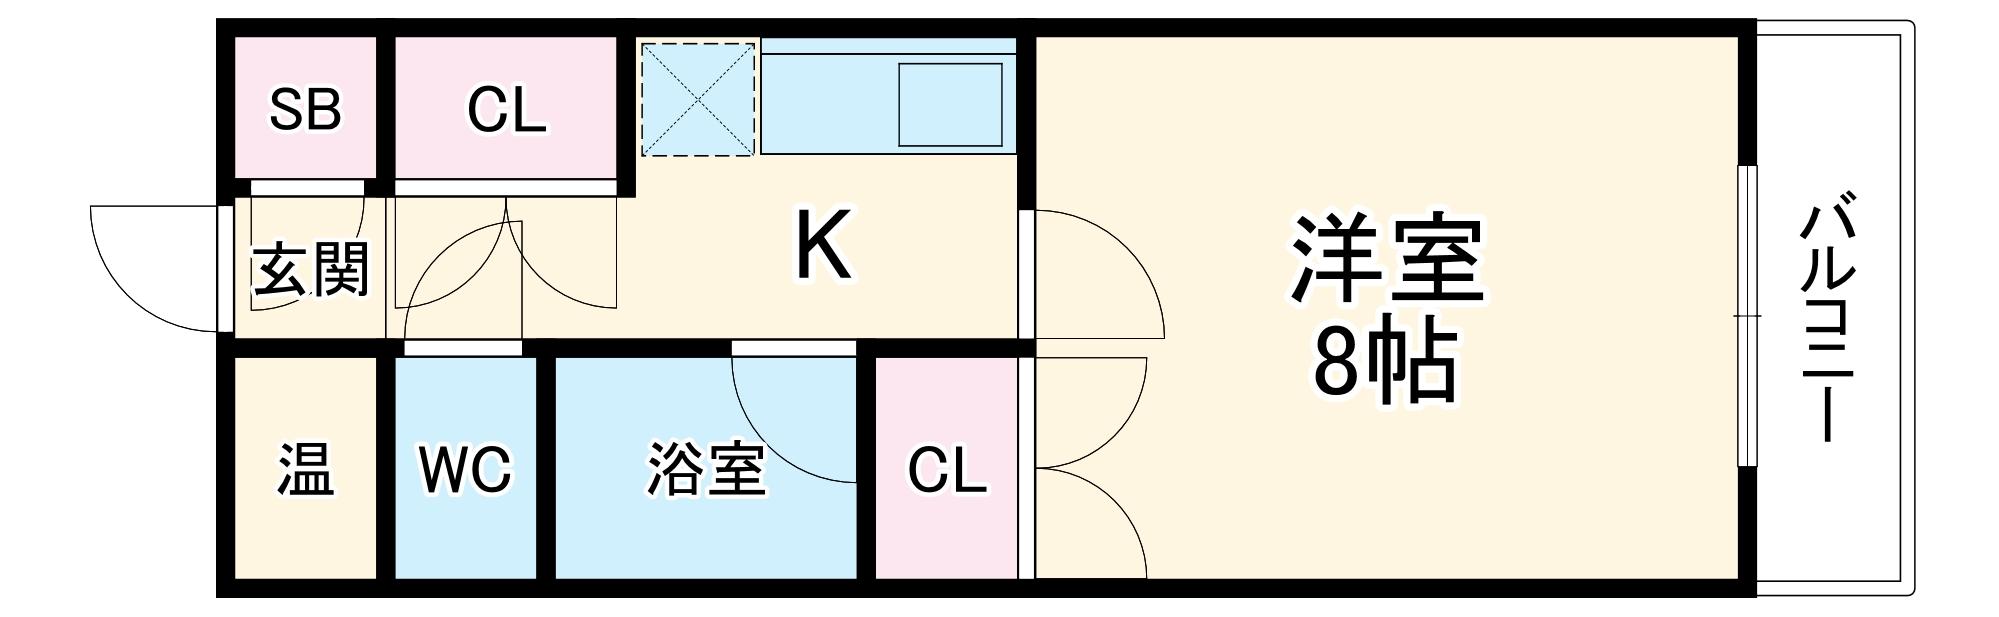 クリテリオン福岡・203号室の間取り